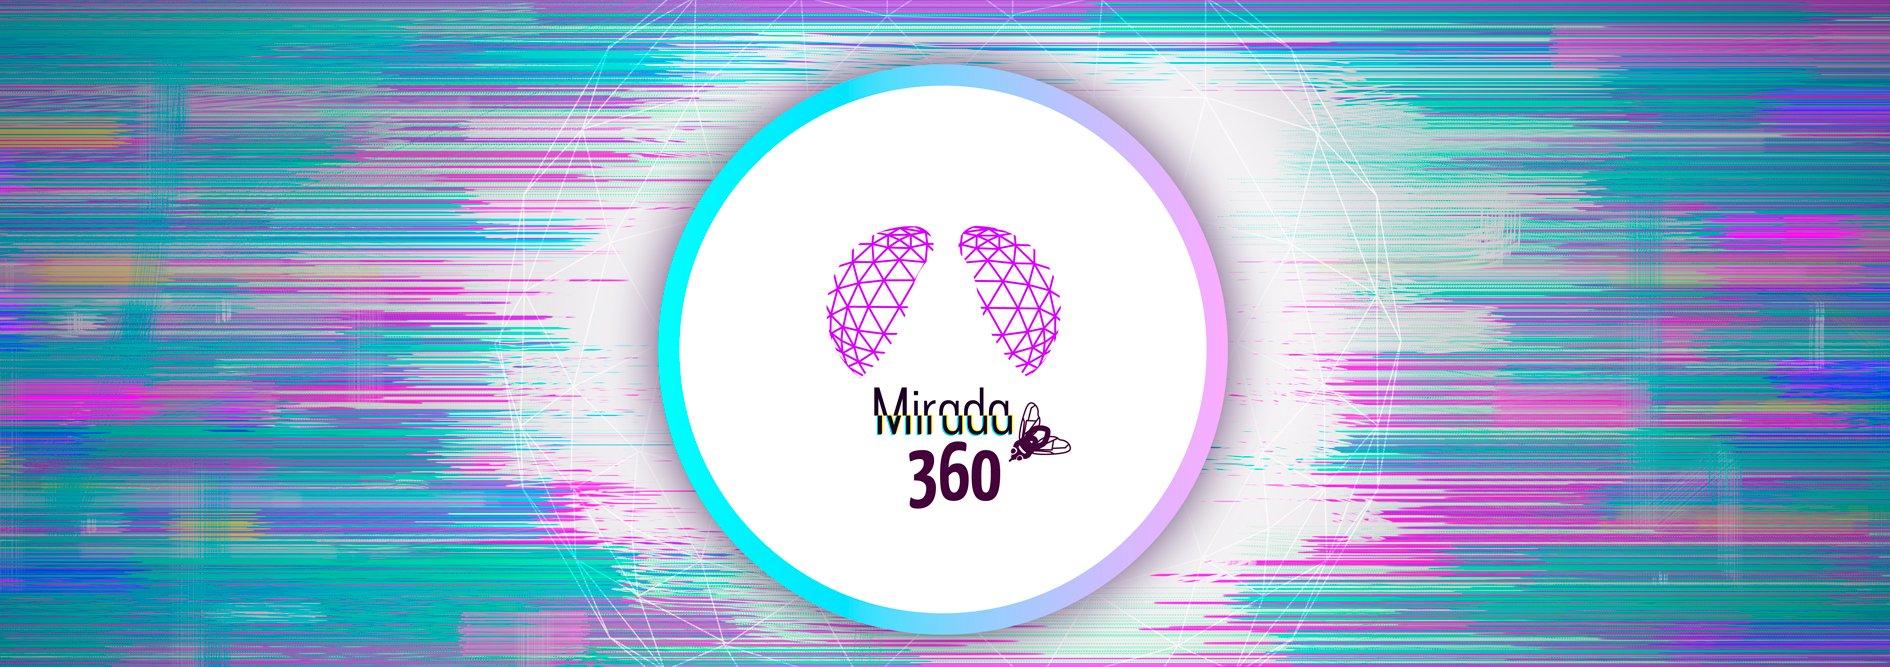 Mirada 360: dale una vuelta a las cosas